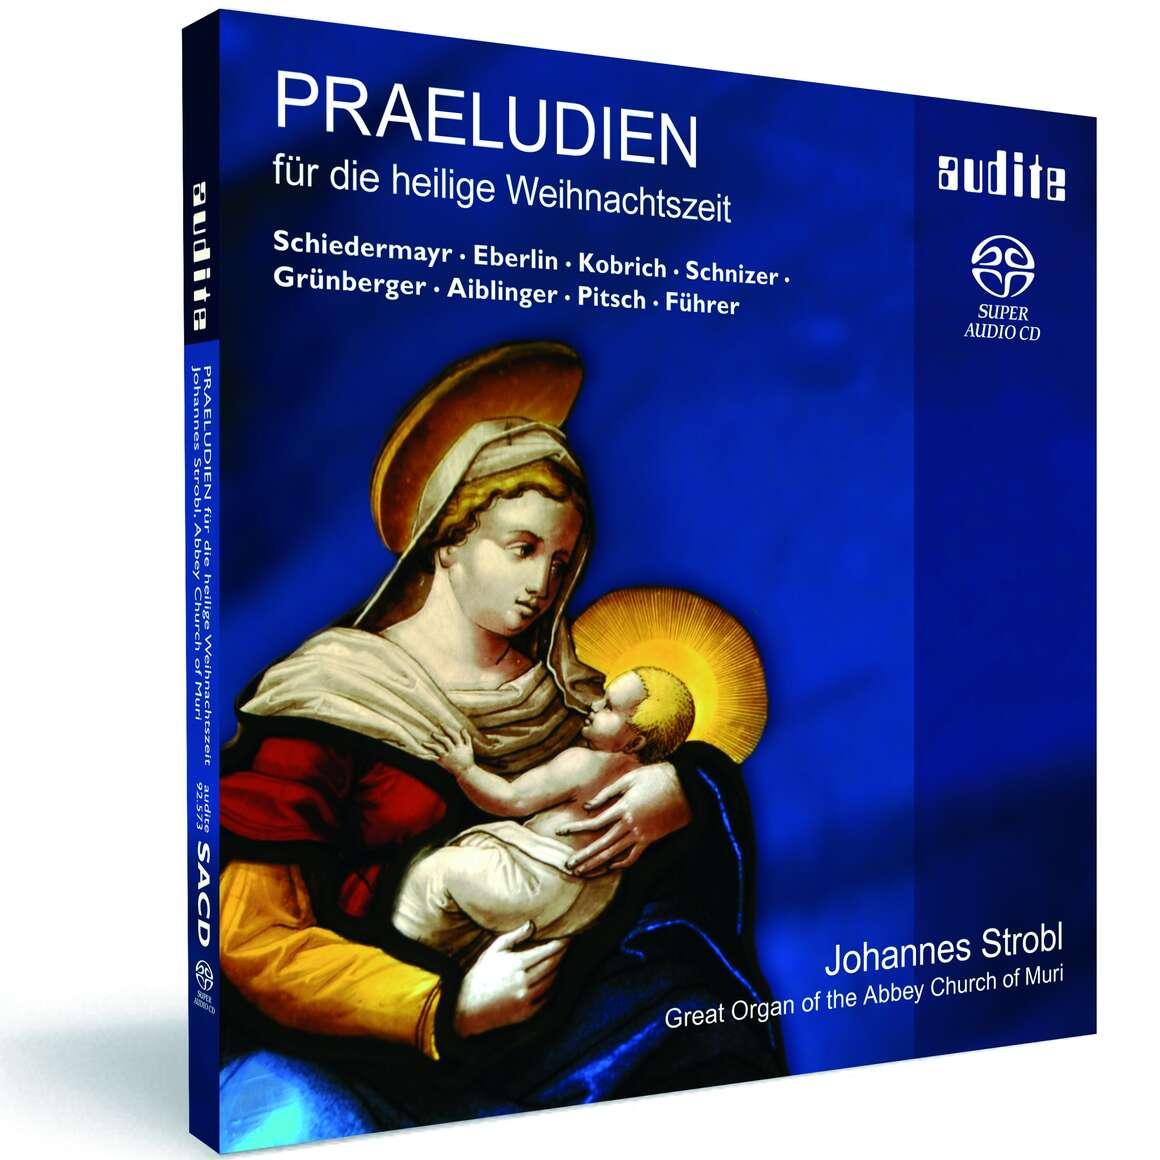 Praeludien für die heilige Weihnachtszeit